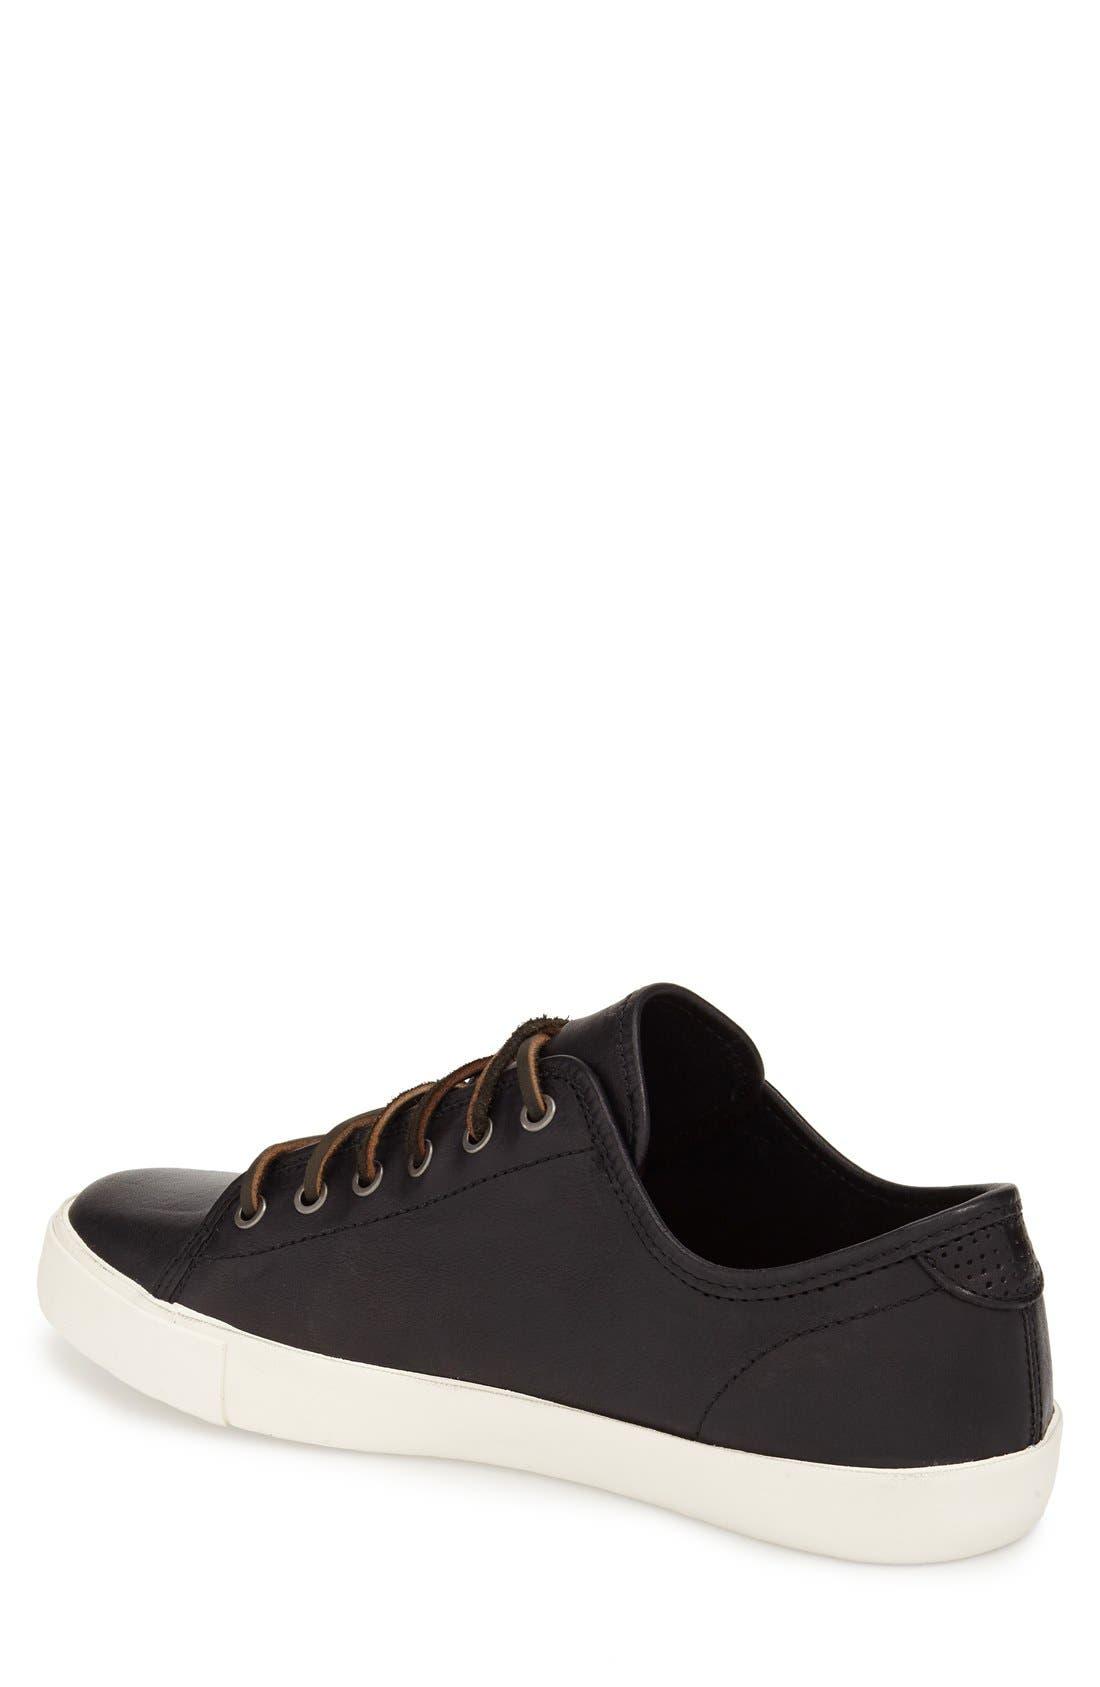 FRYE,                             'Brett' Sneaker,                             Alternate thumbnail 2, color,                             001